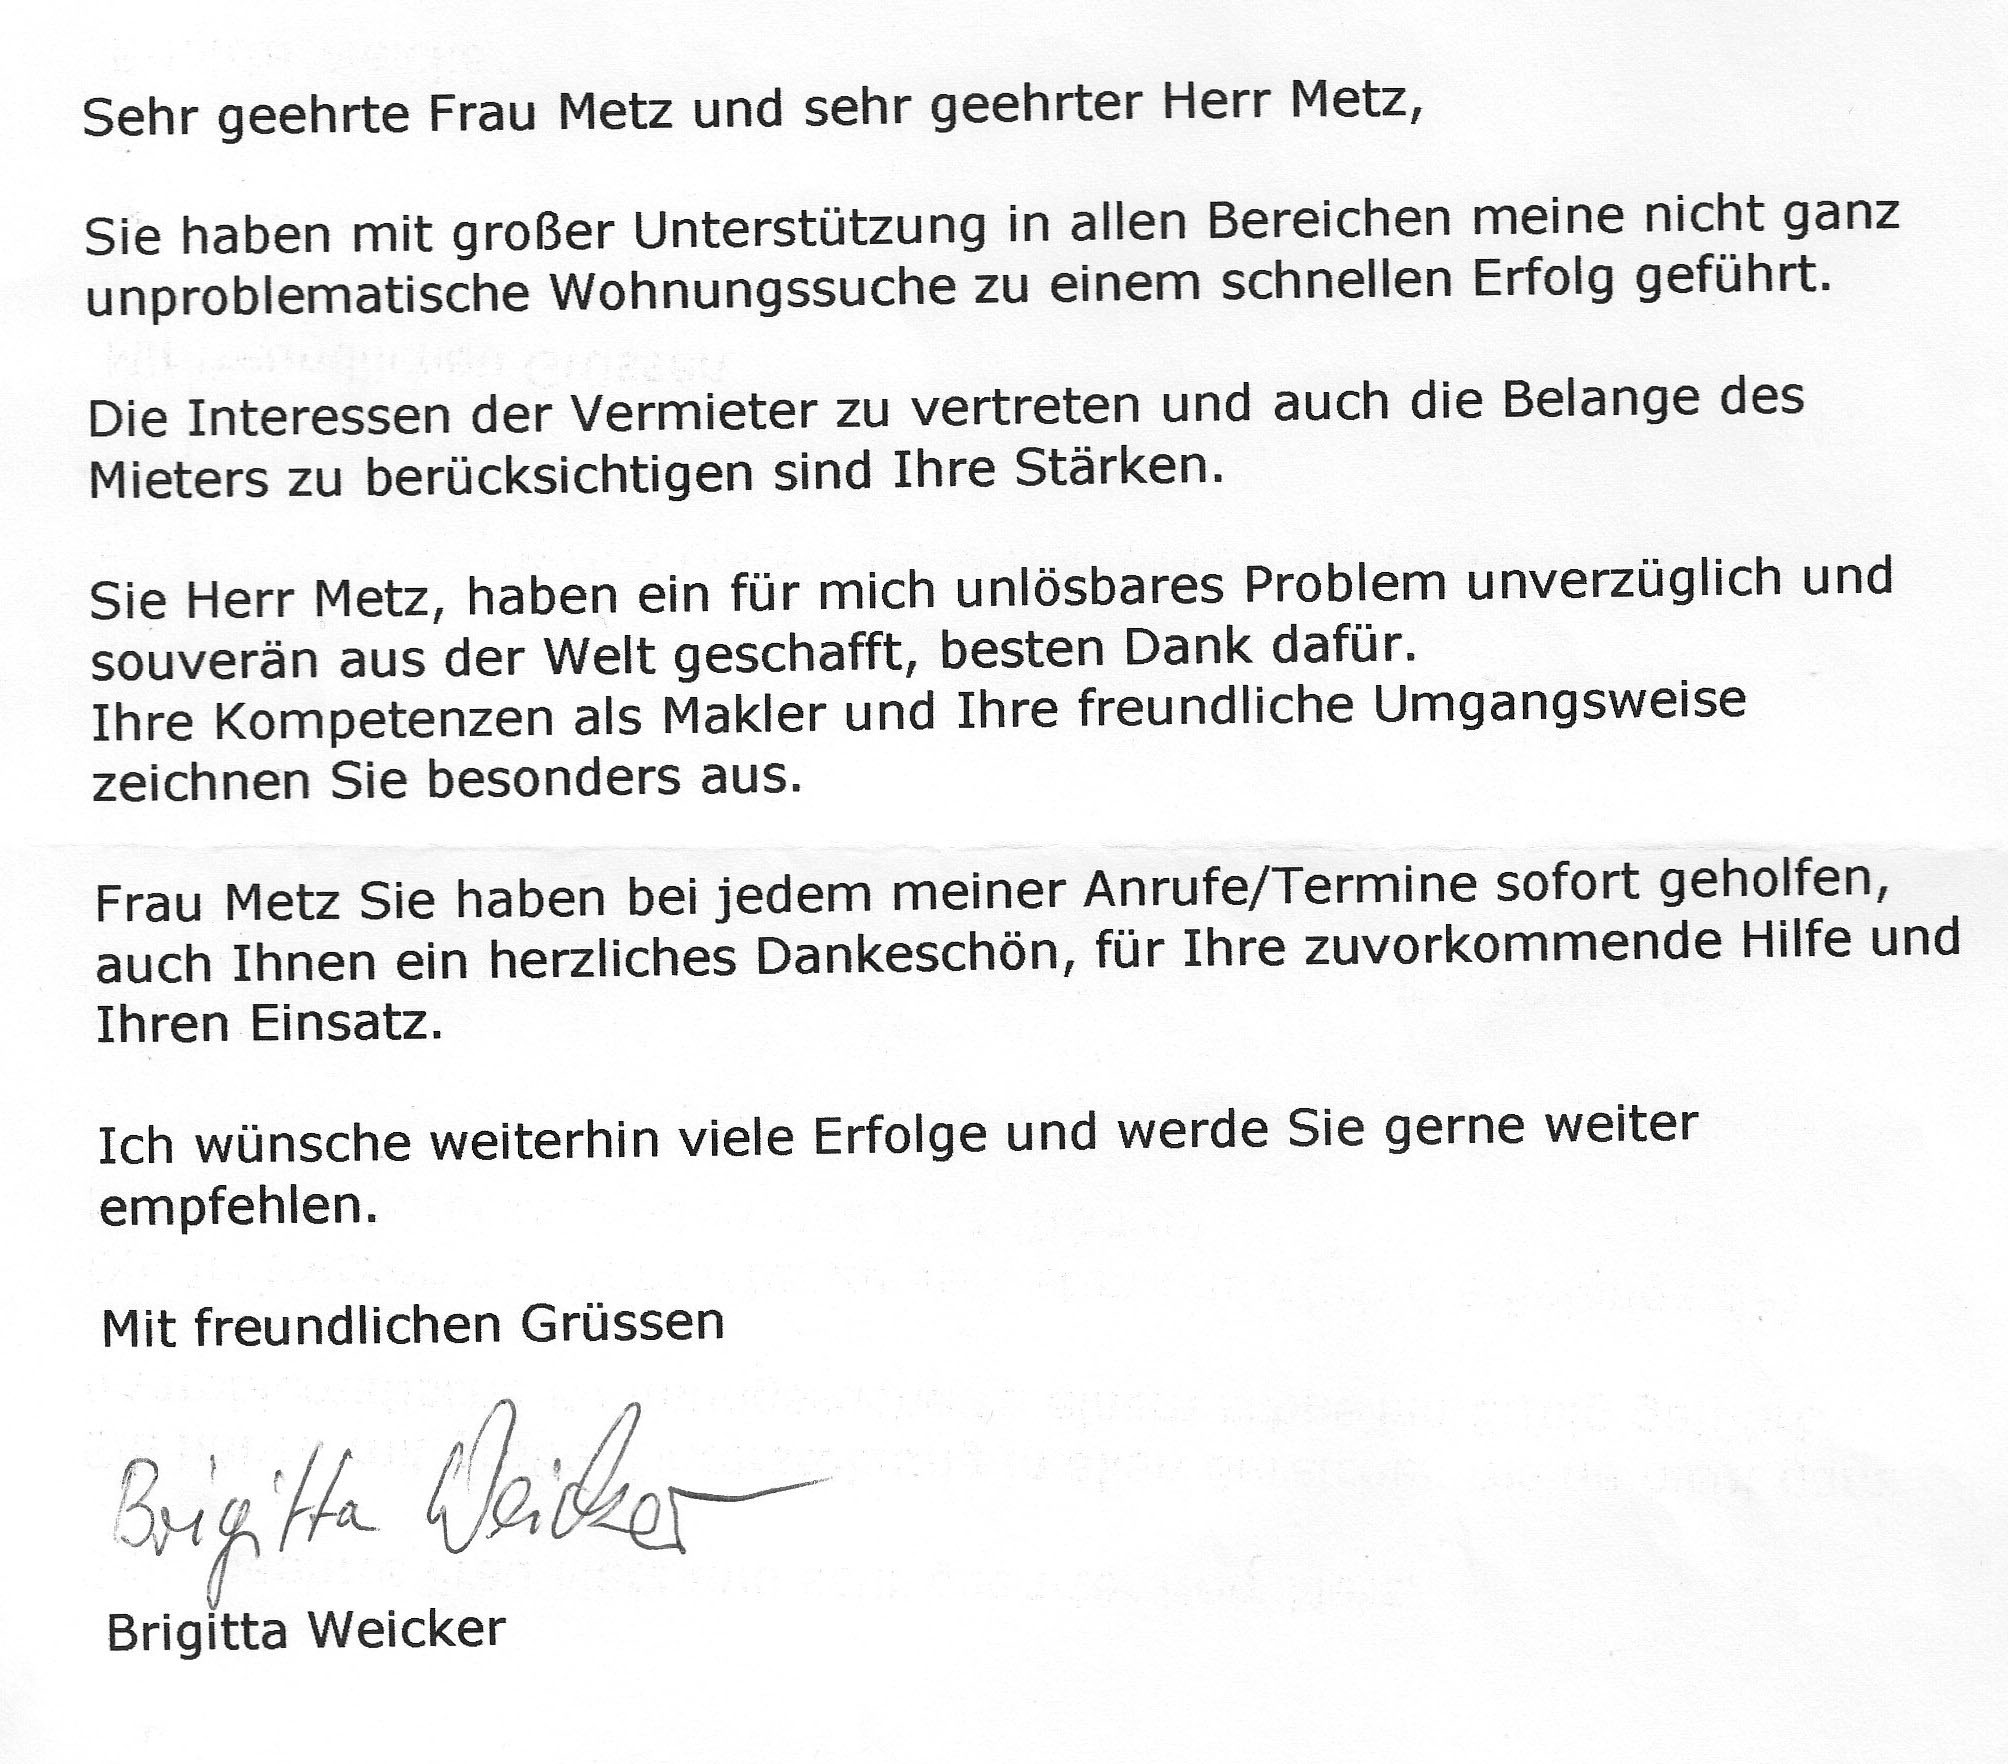 Groß Vermieter Referenzvorlage Bilder - Beispiel Wiederaufnahme ...